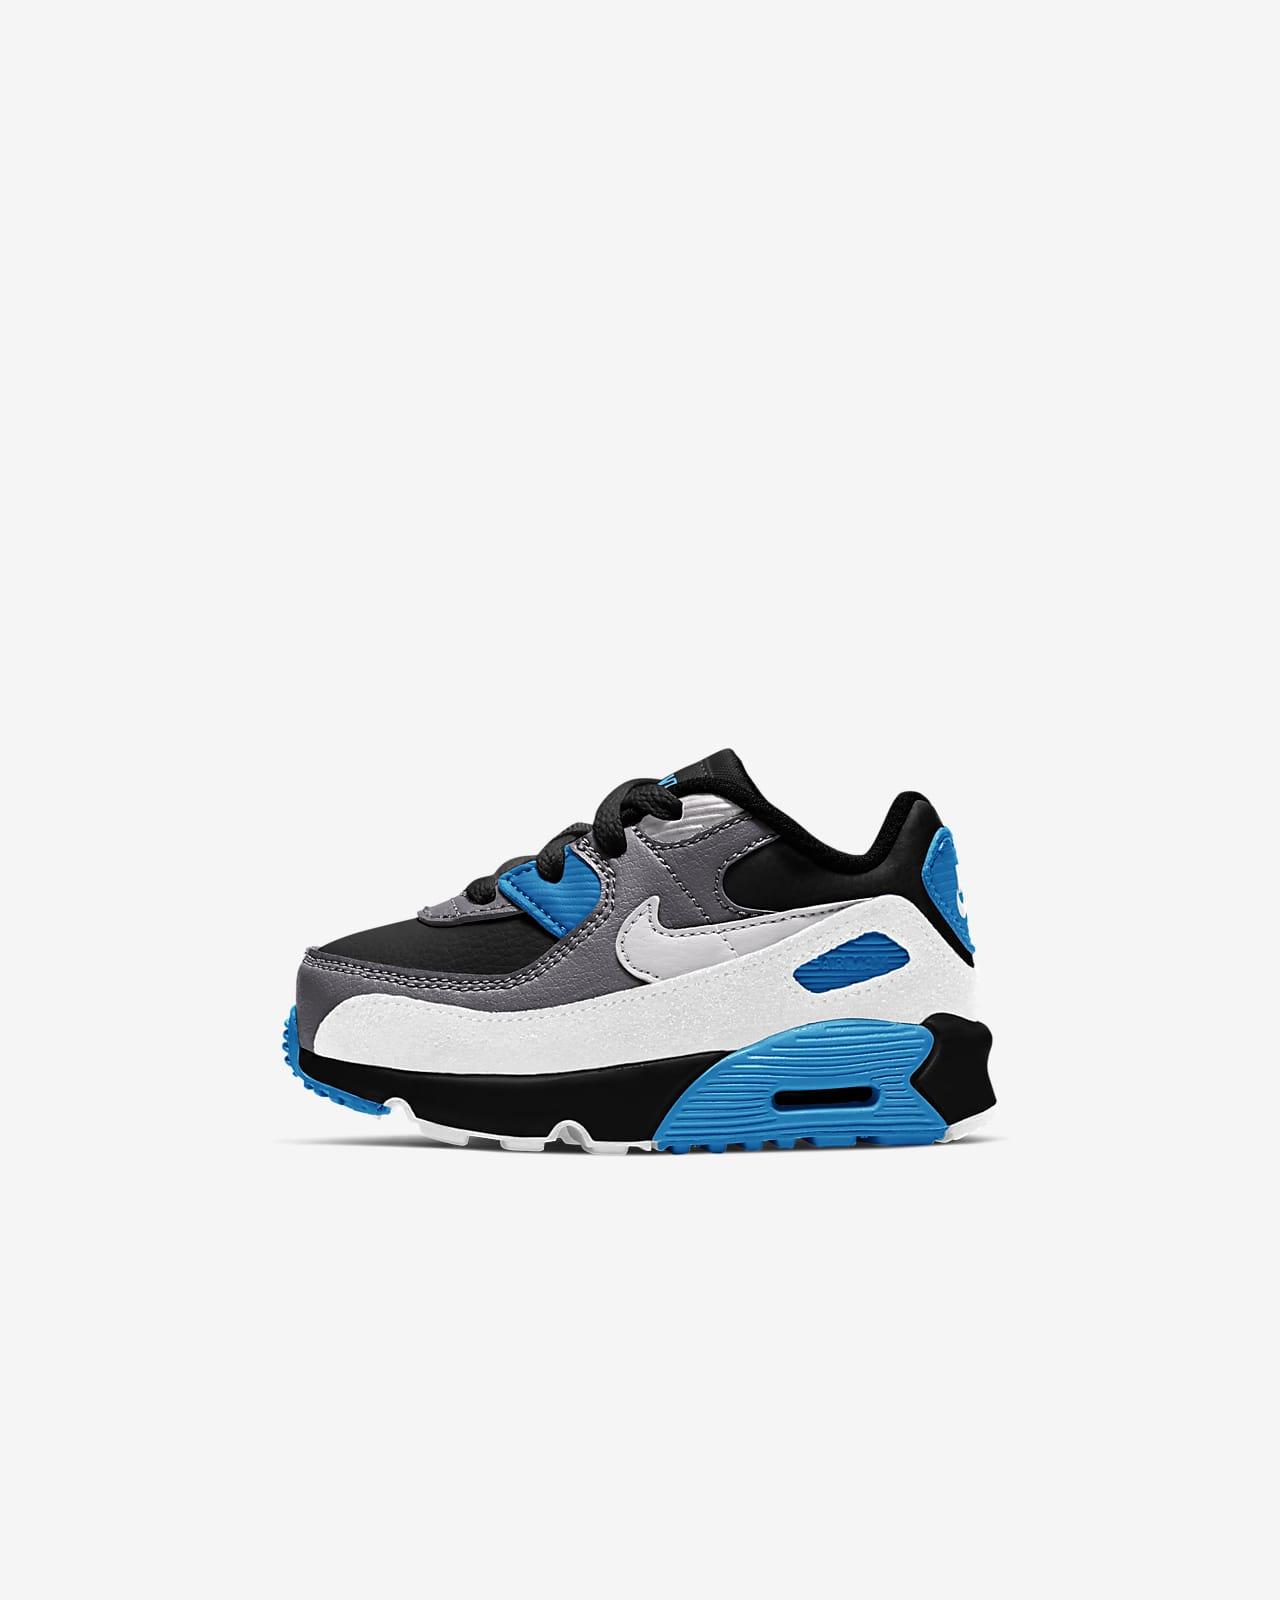 chaussures nike enfant garcon air max